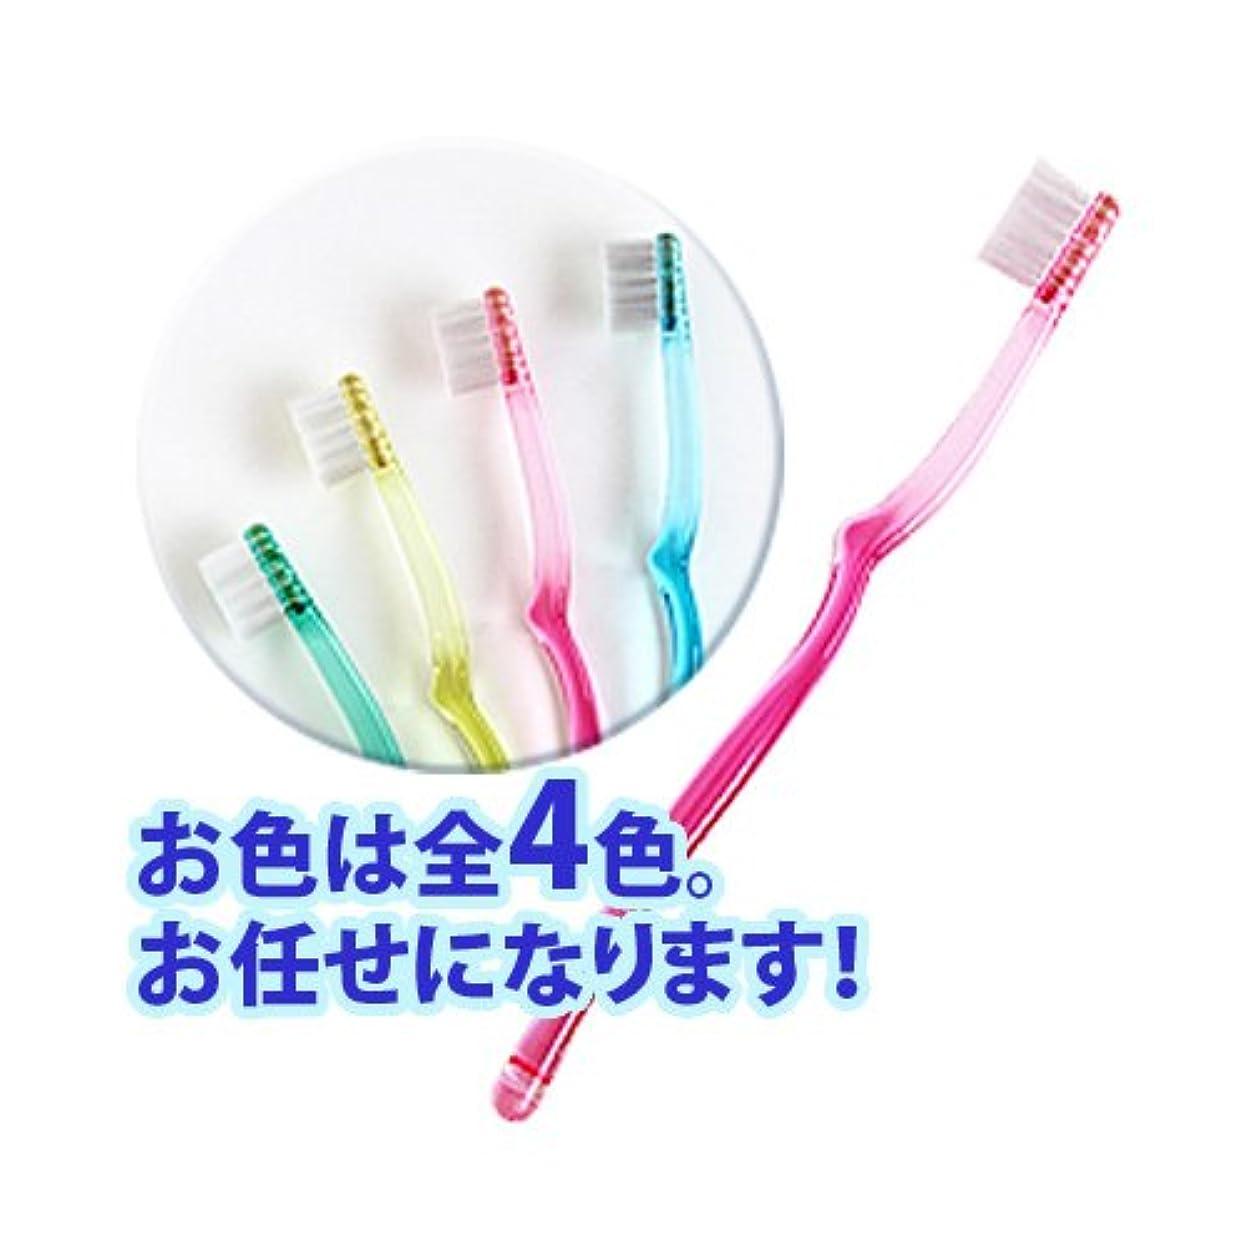 マンハッタン石膏ラベプレツヤ パーフェクト (歯ブラシ) 《 1本入 》